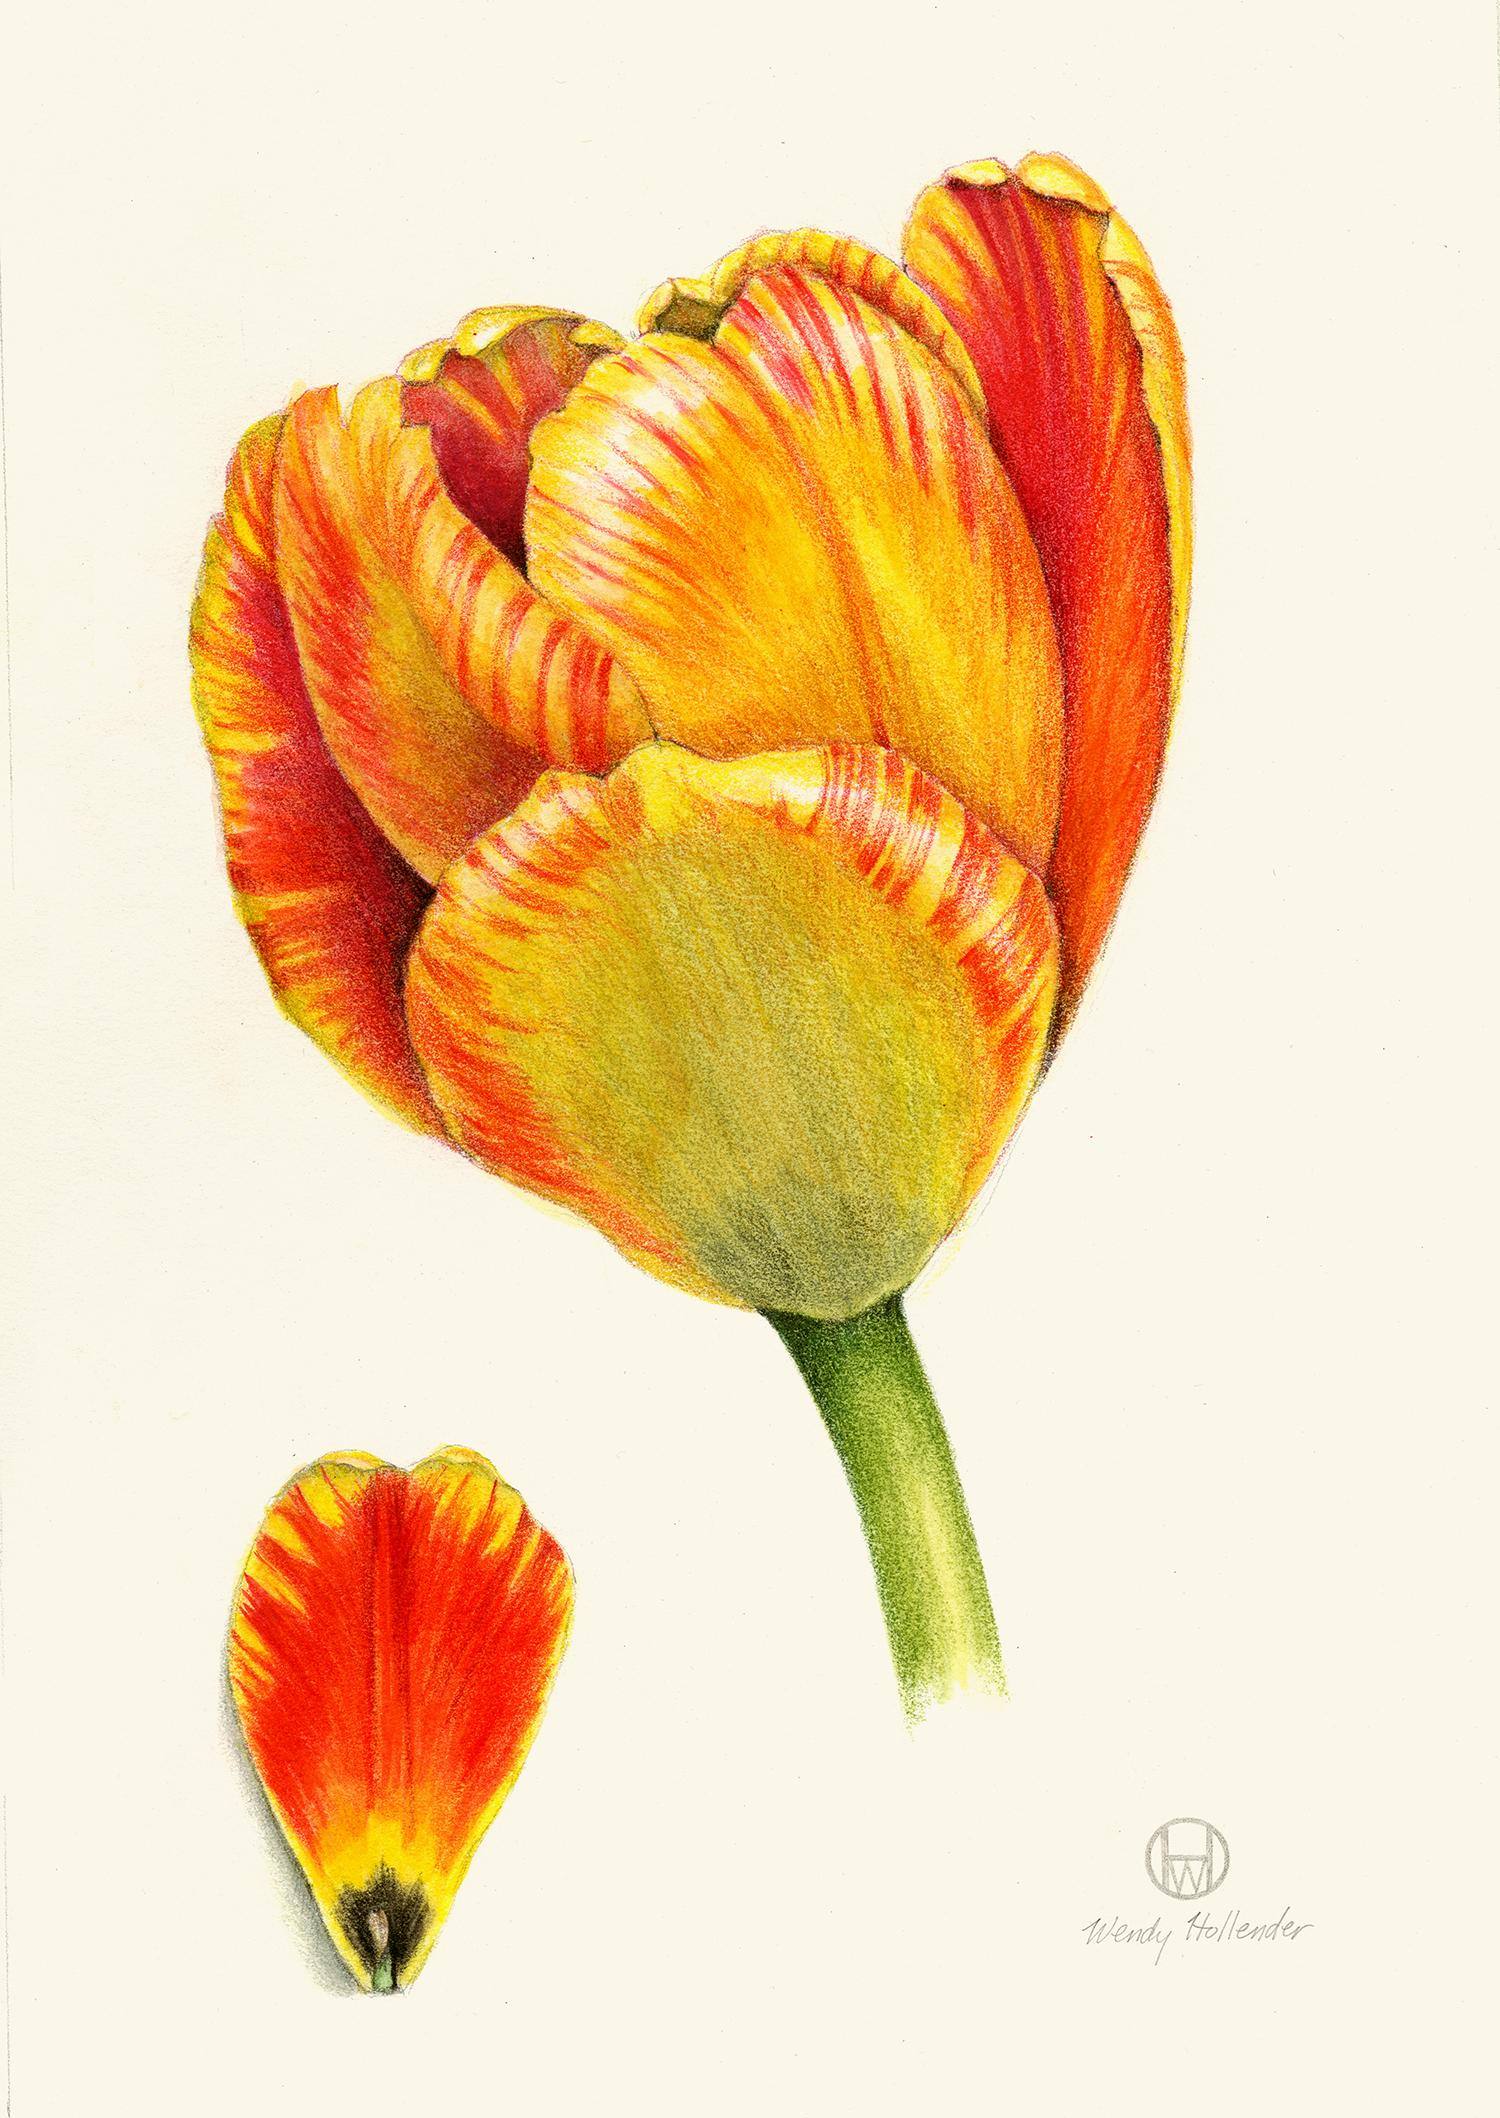 Yellow Red Tulip - Tulipa